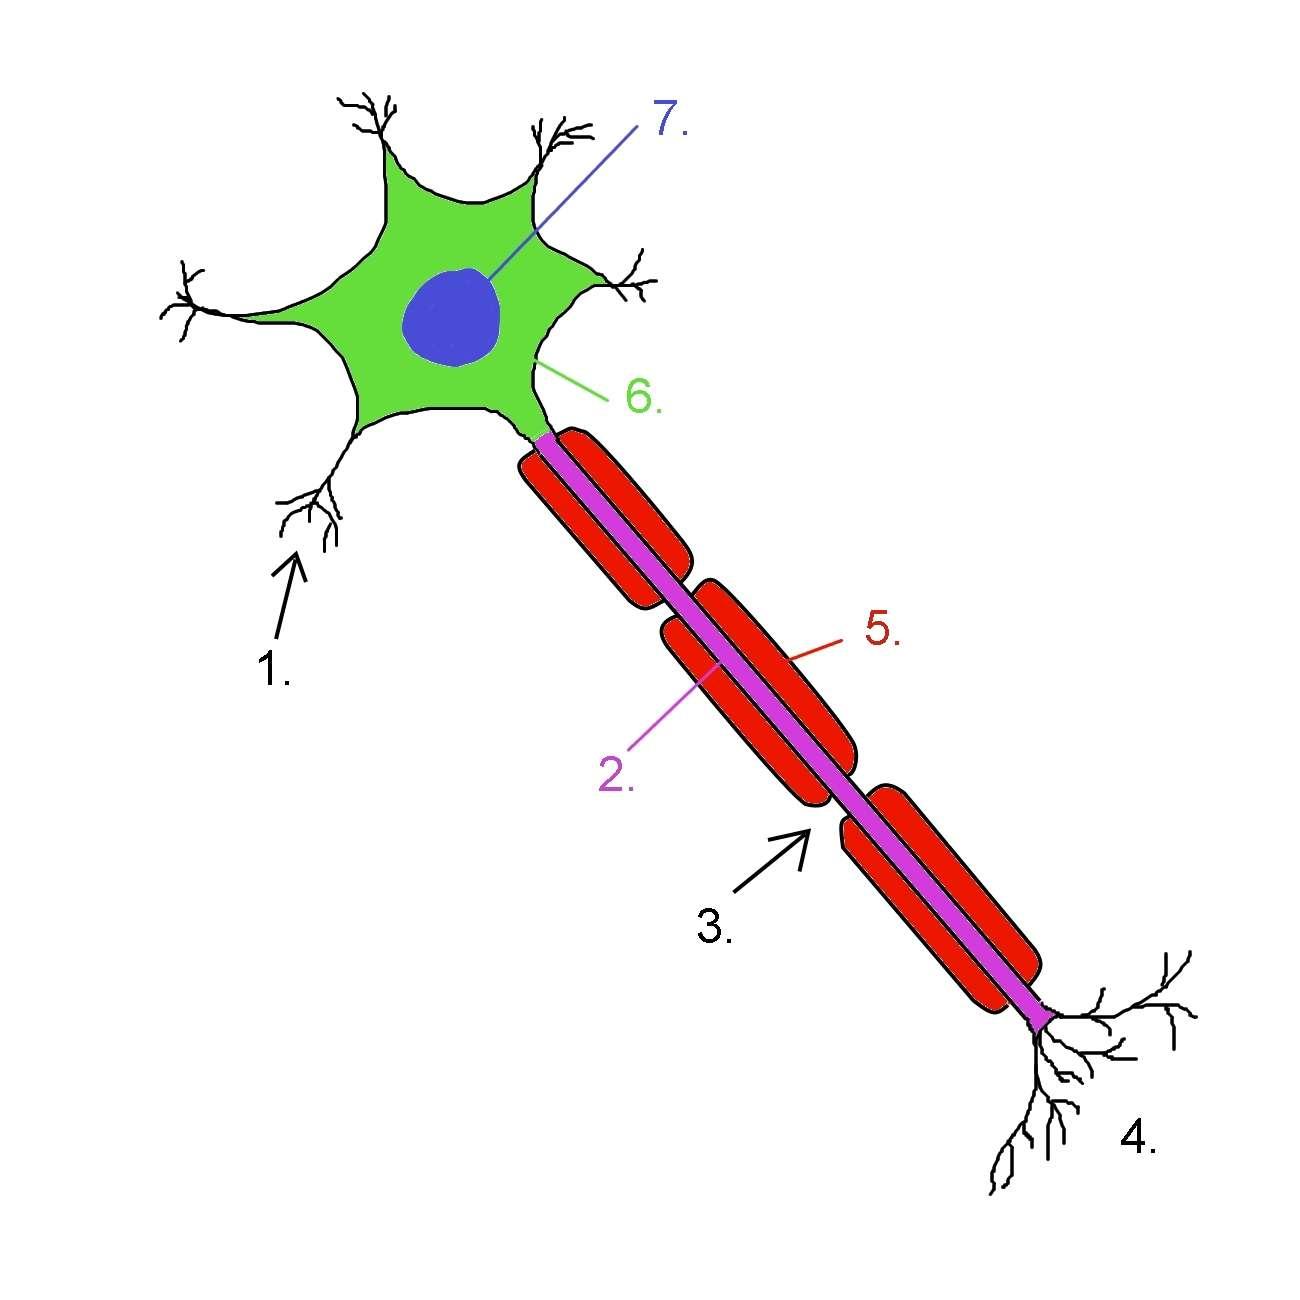 Schéma d'un neurone. On distingue la dendrite (1), l'axone (2), le nœud de Ranvier (3), l'extrémité de l'axone (4), la myéline (5), le corps cellulaire (6) et le noyau (7). La myéline protège le neurone et améliore la vitesse de progression de l'influx nerveux dans l'axone. Dans le système nerveux périphérique, elle est fabriquée par les cellules de Schwann. © NickGorton, Wikimedia Commons, cc by sa 3.0